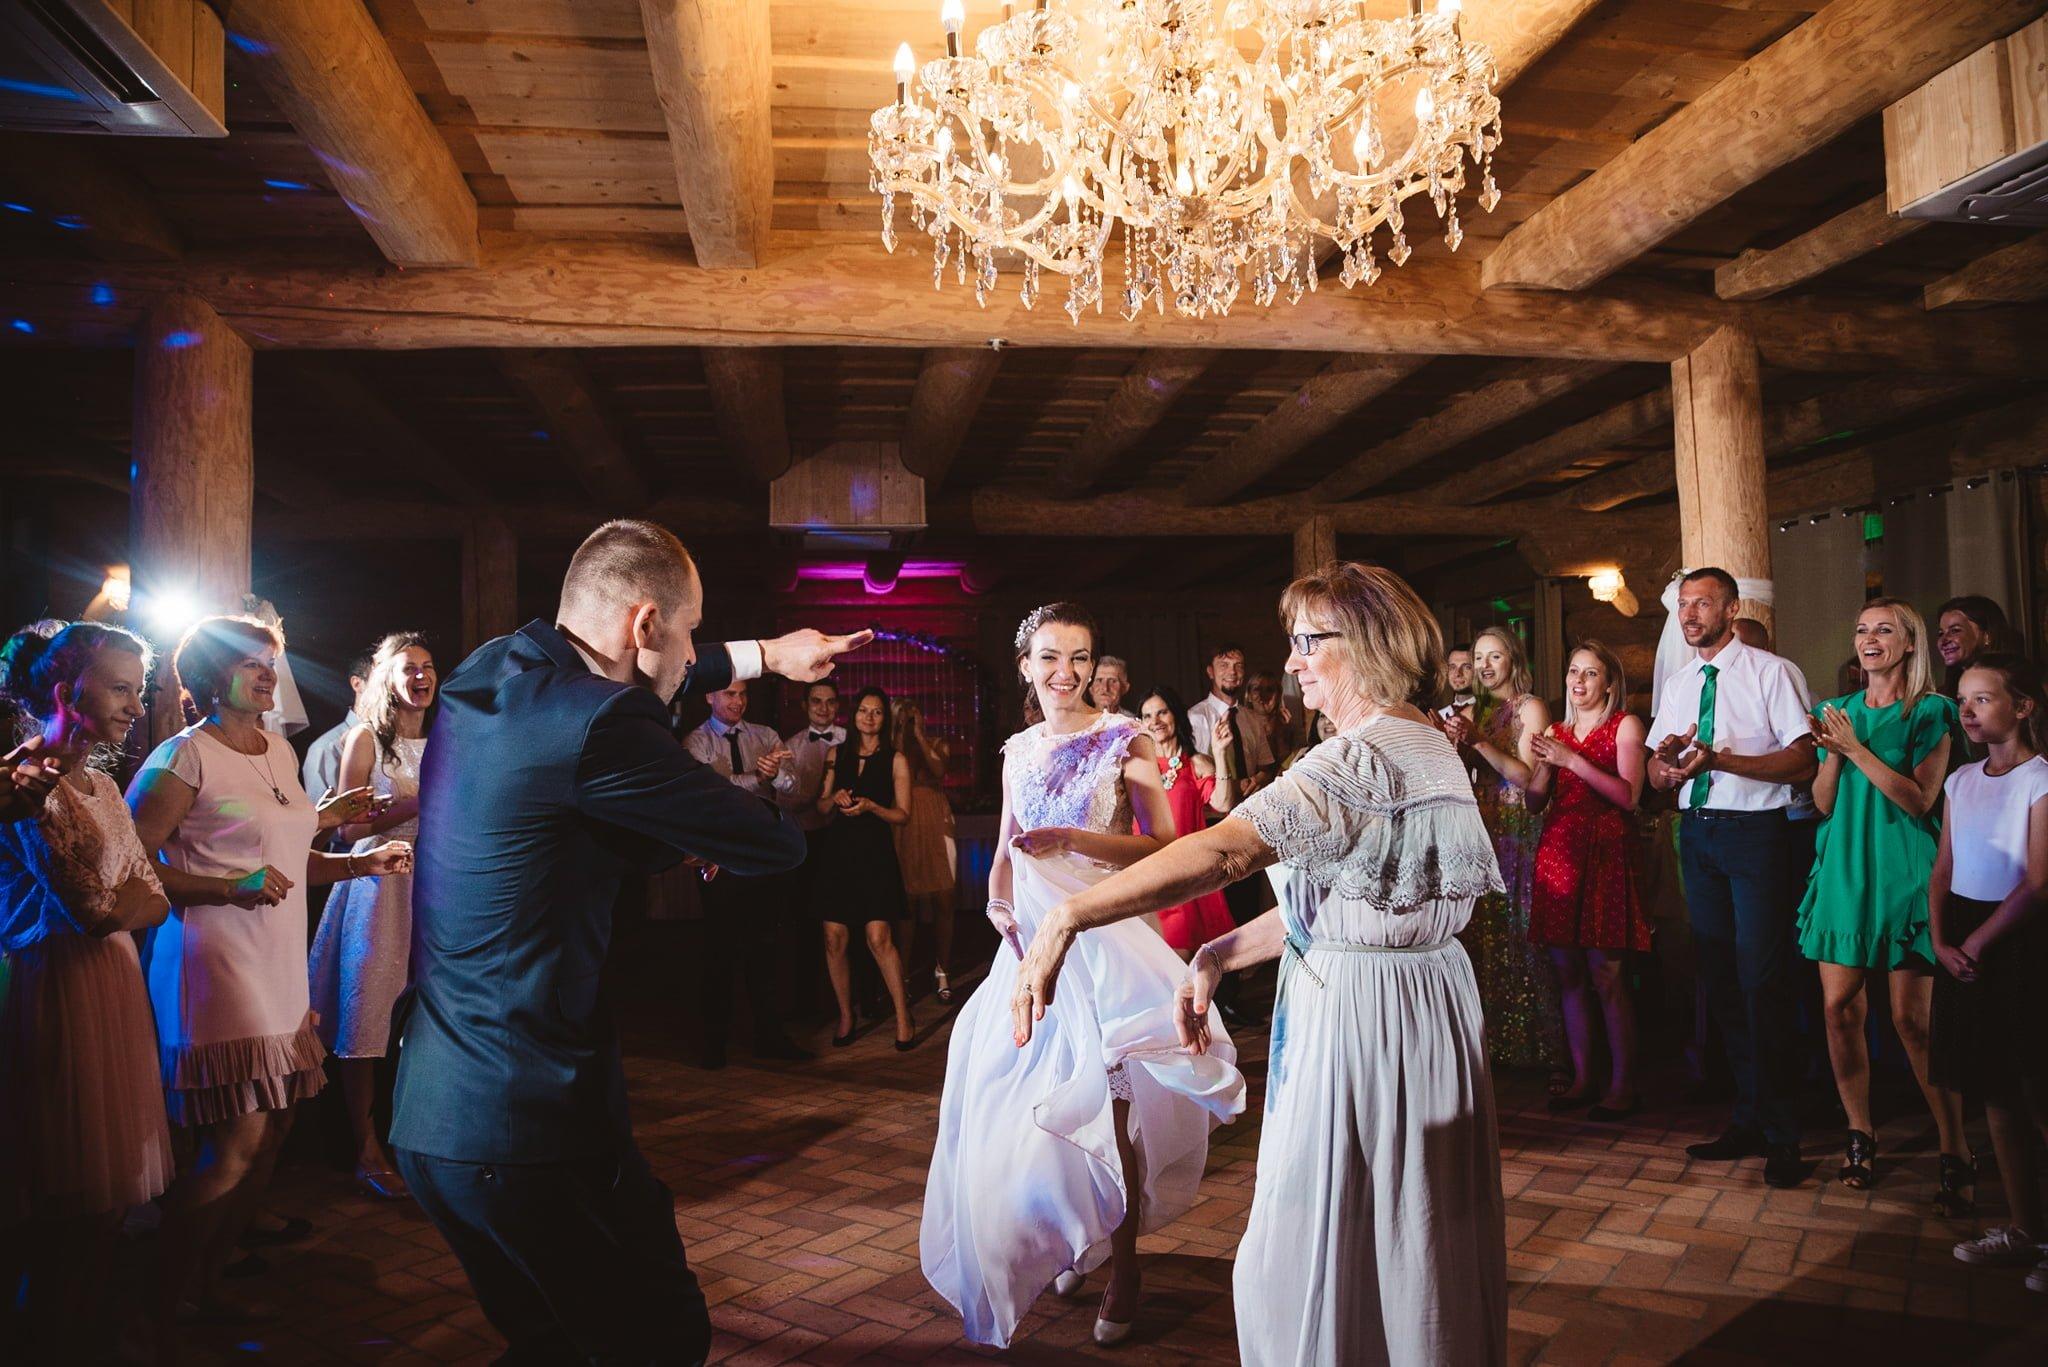 Ala i Arek, czyli jak zorganizować ślub i wesele w 4 tygodnie! 288